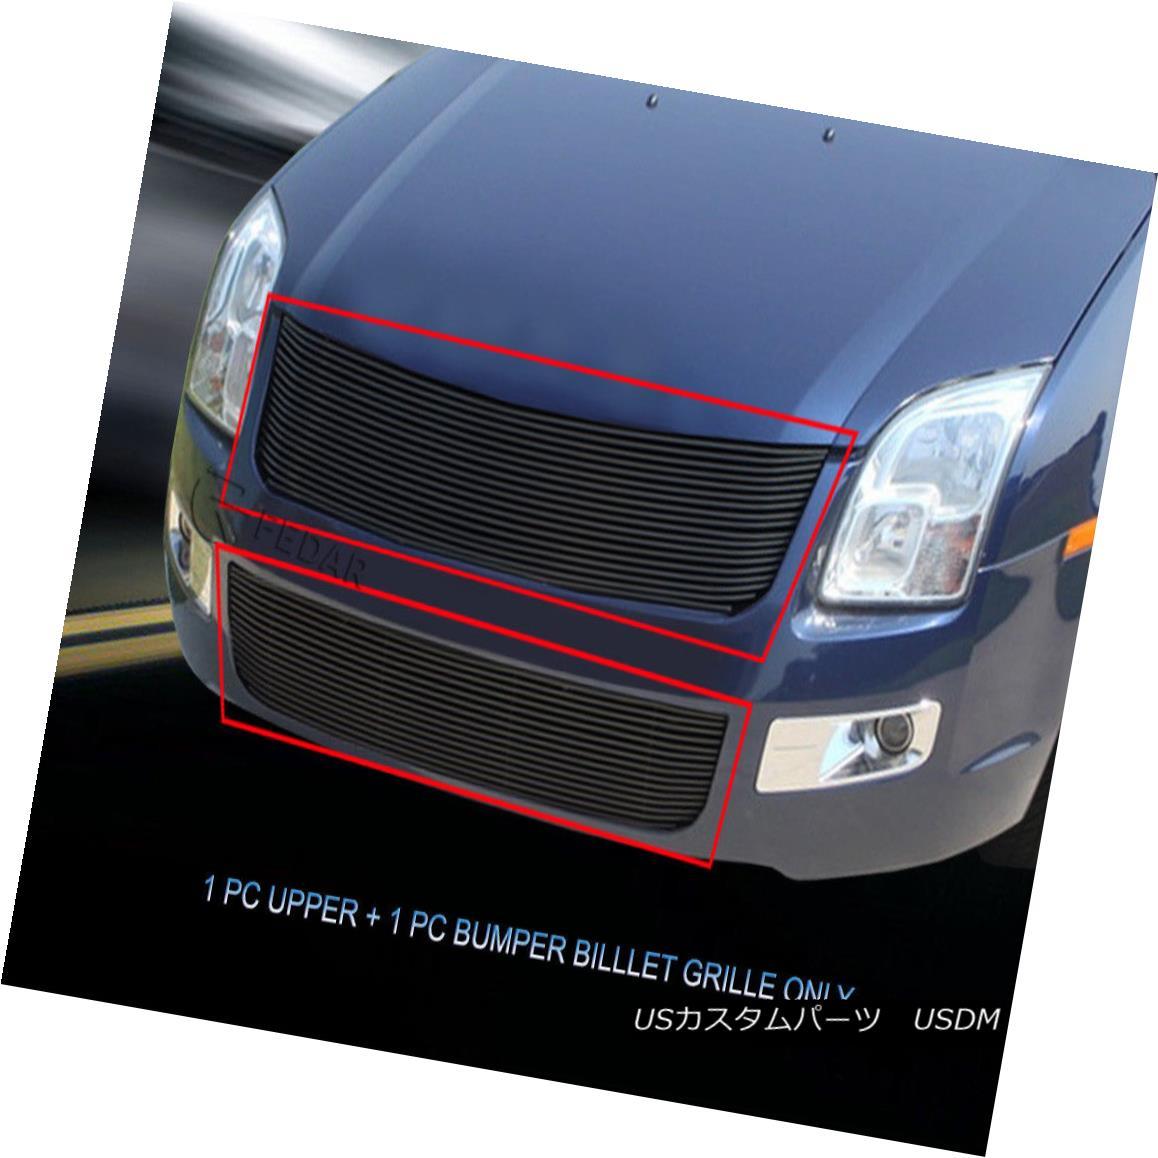 グリル 06 07 08 09 Ford Fusion Black Billet Grille COMBO Grill Insert Fedar 06 07 08 09フォードフュージョンブラックビレットグリルコンボグリルインサートフェルダ